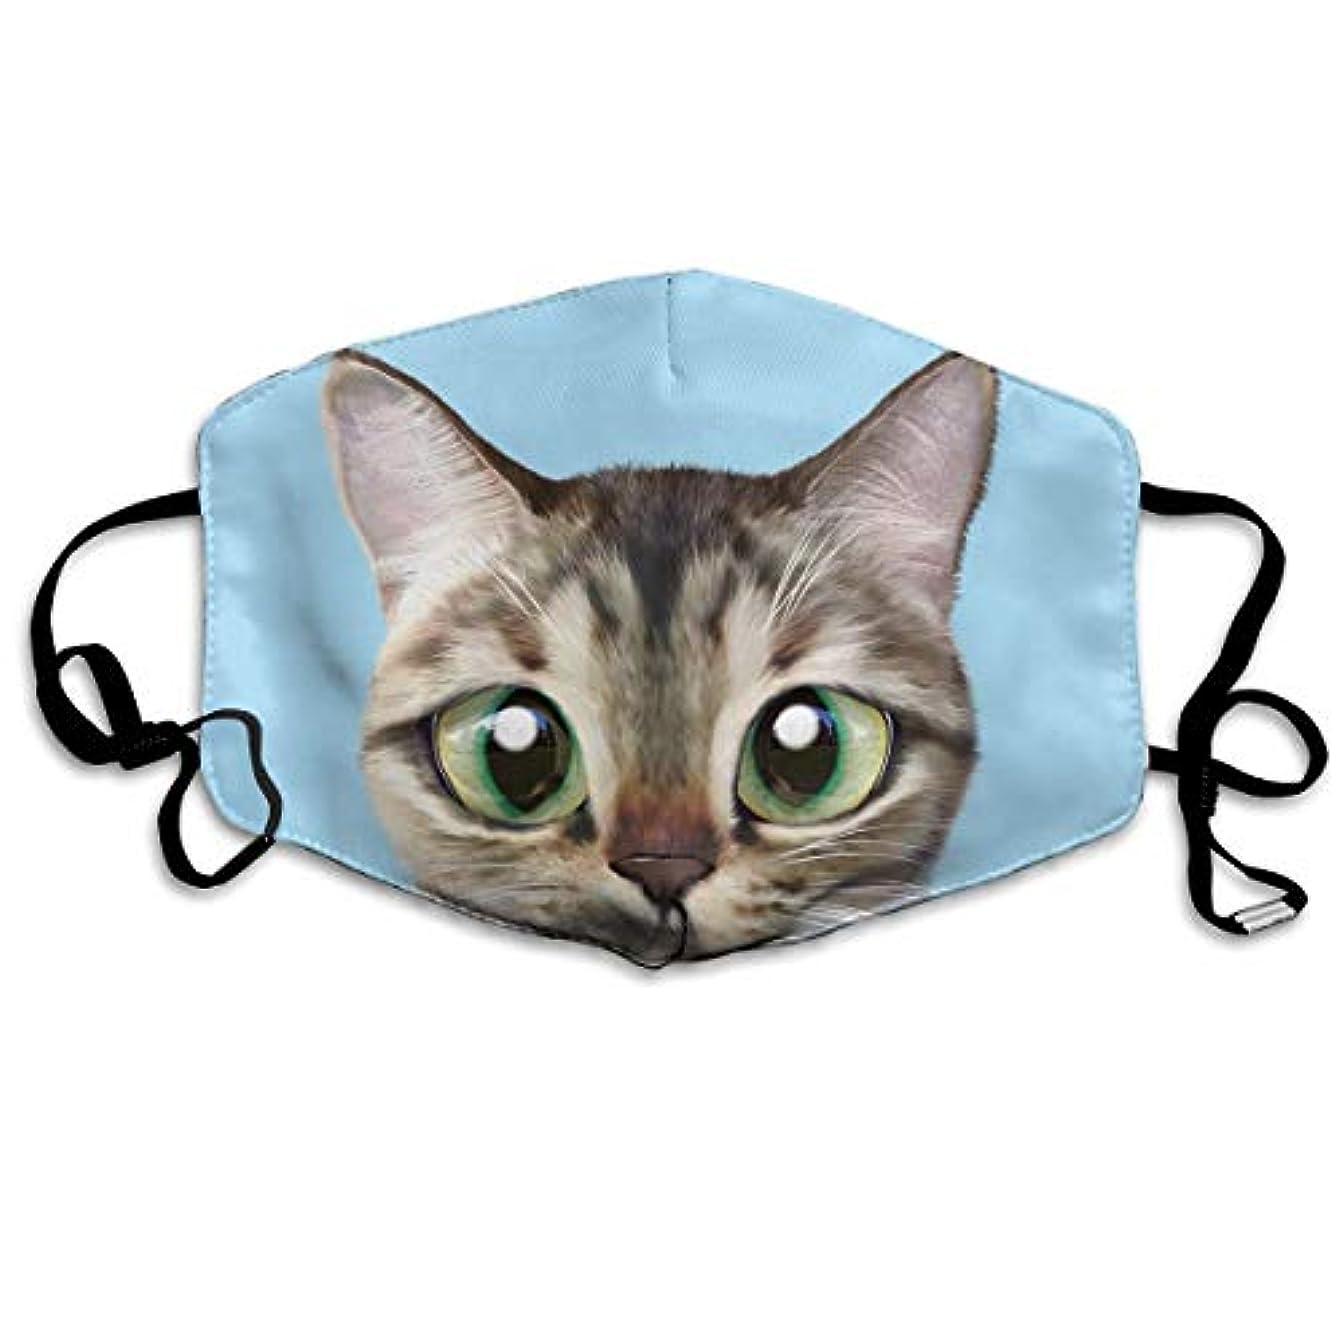 読書考える天才Morningligh Cute Cat (11) マスク 使い捨てマスク ファッションマスク 個別包装 まとめ買い 防災 避難 緊急 抗菌 花粉症予防 風邪予防 男女兼用 健康を守るため